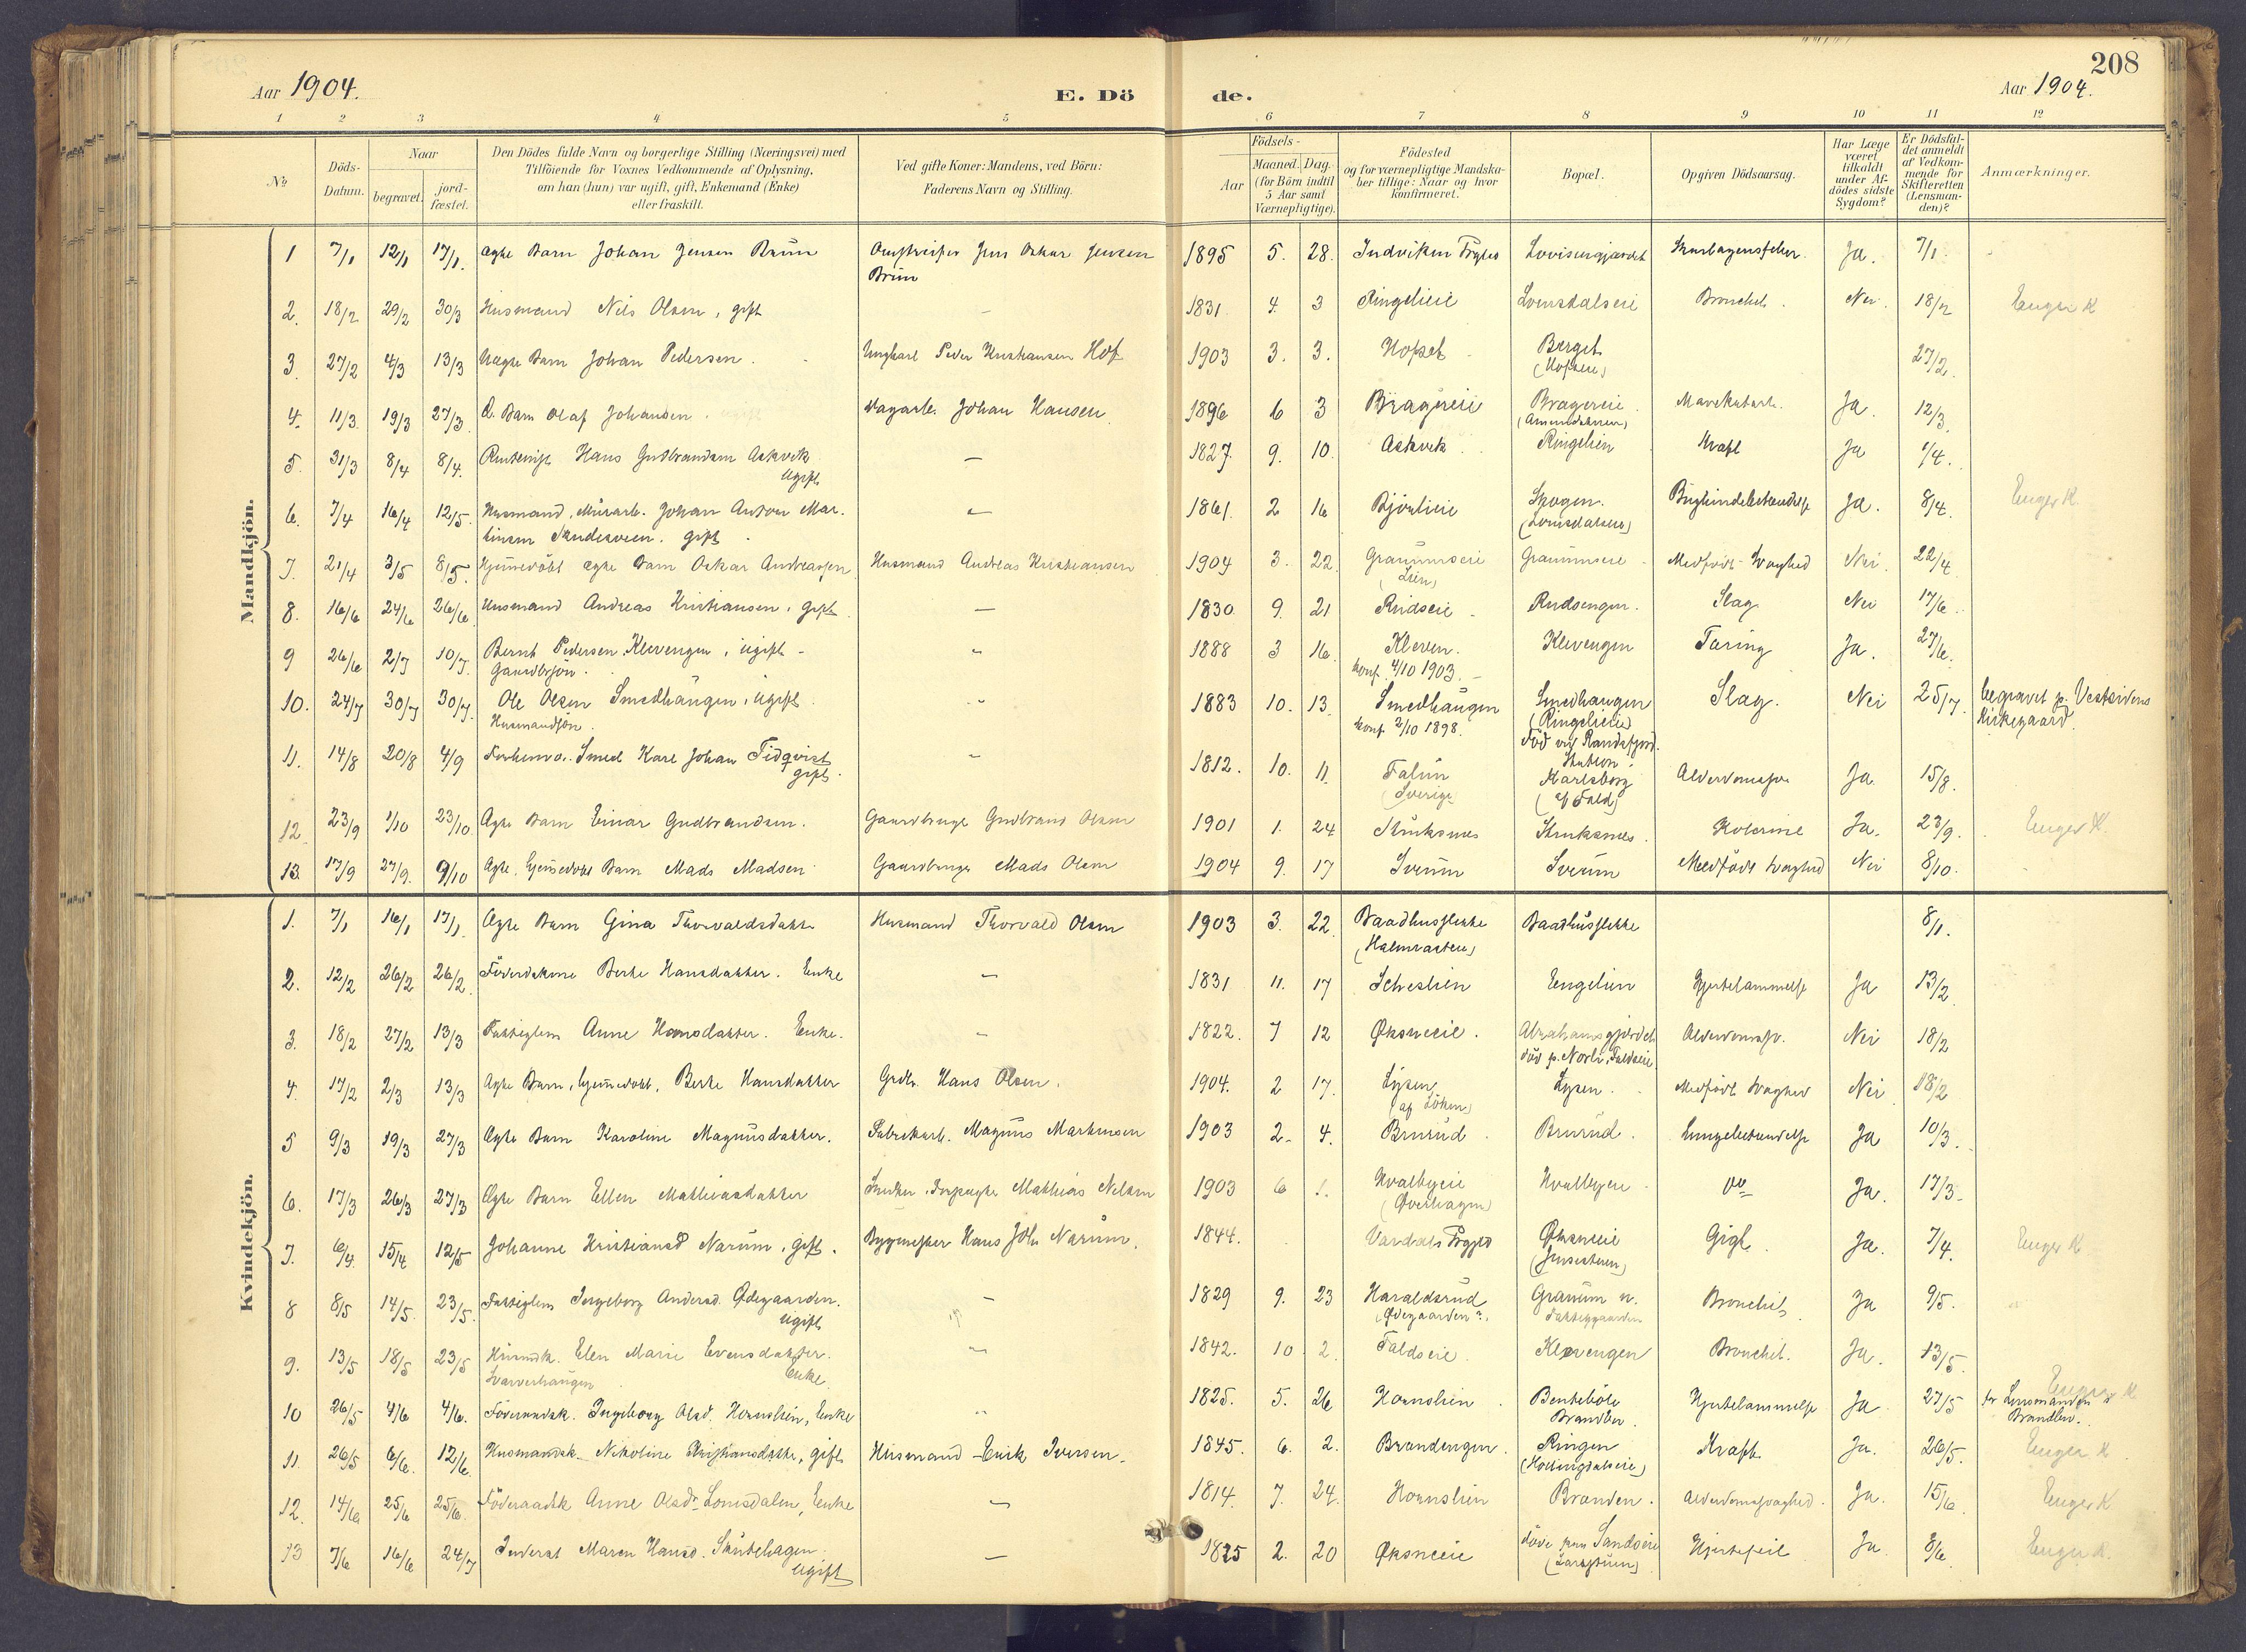 SAH, Søndre Land prestekontor, K/L0006: Ministerialbok nr. 6, 1895-1904, s. 208